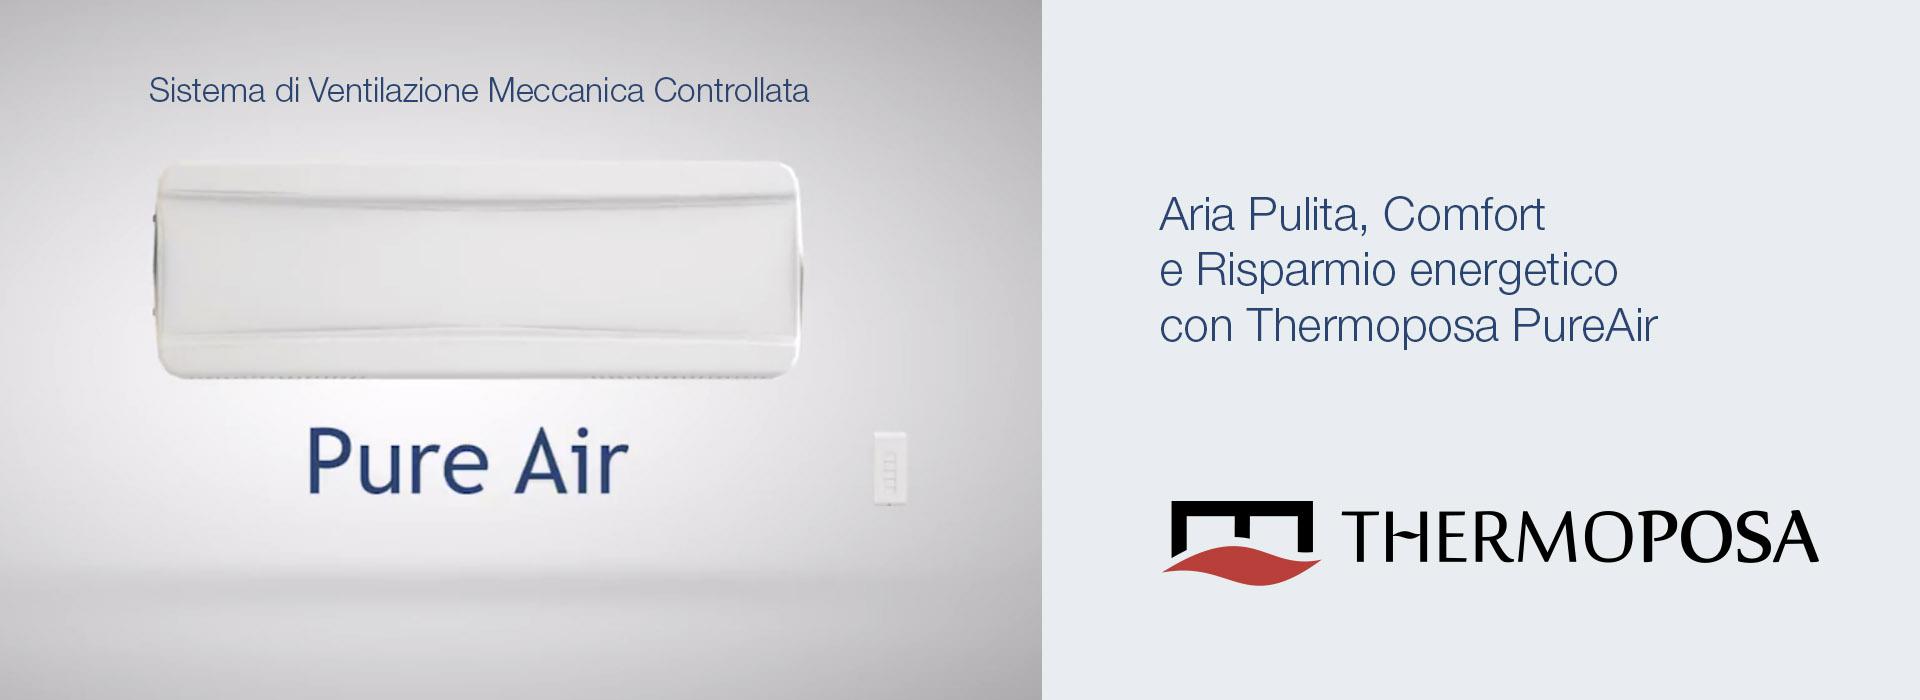 PureAir, Ventilazione Meccanica Controllata